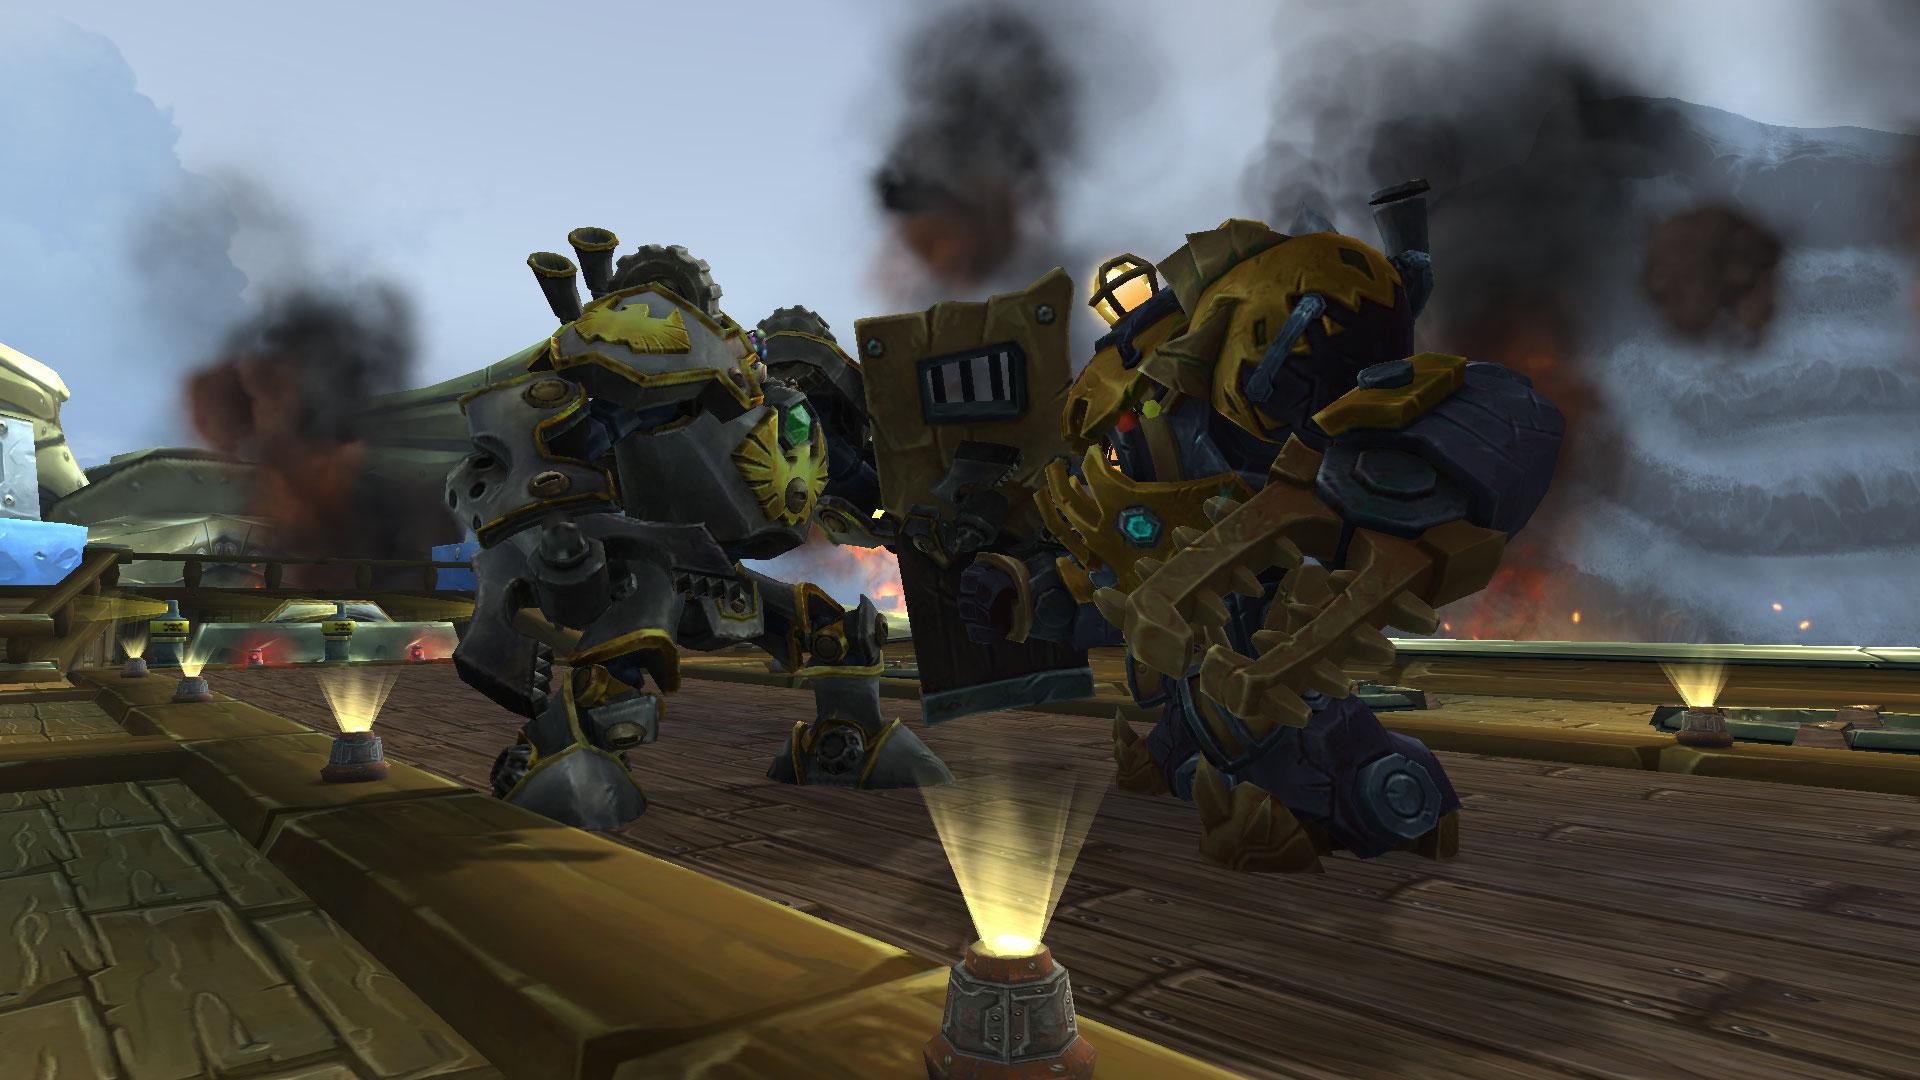 Mekkanivelle parvient à s'enfuir, mais le vaisseau de l'Alliance est détruit